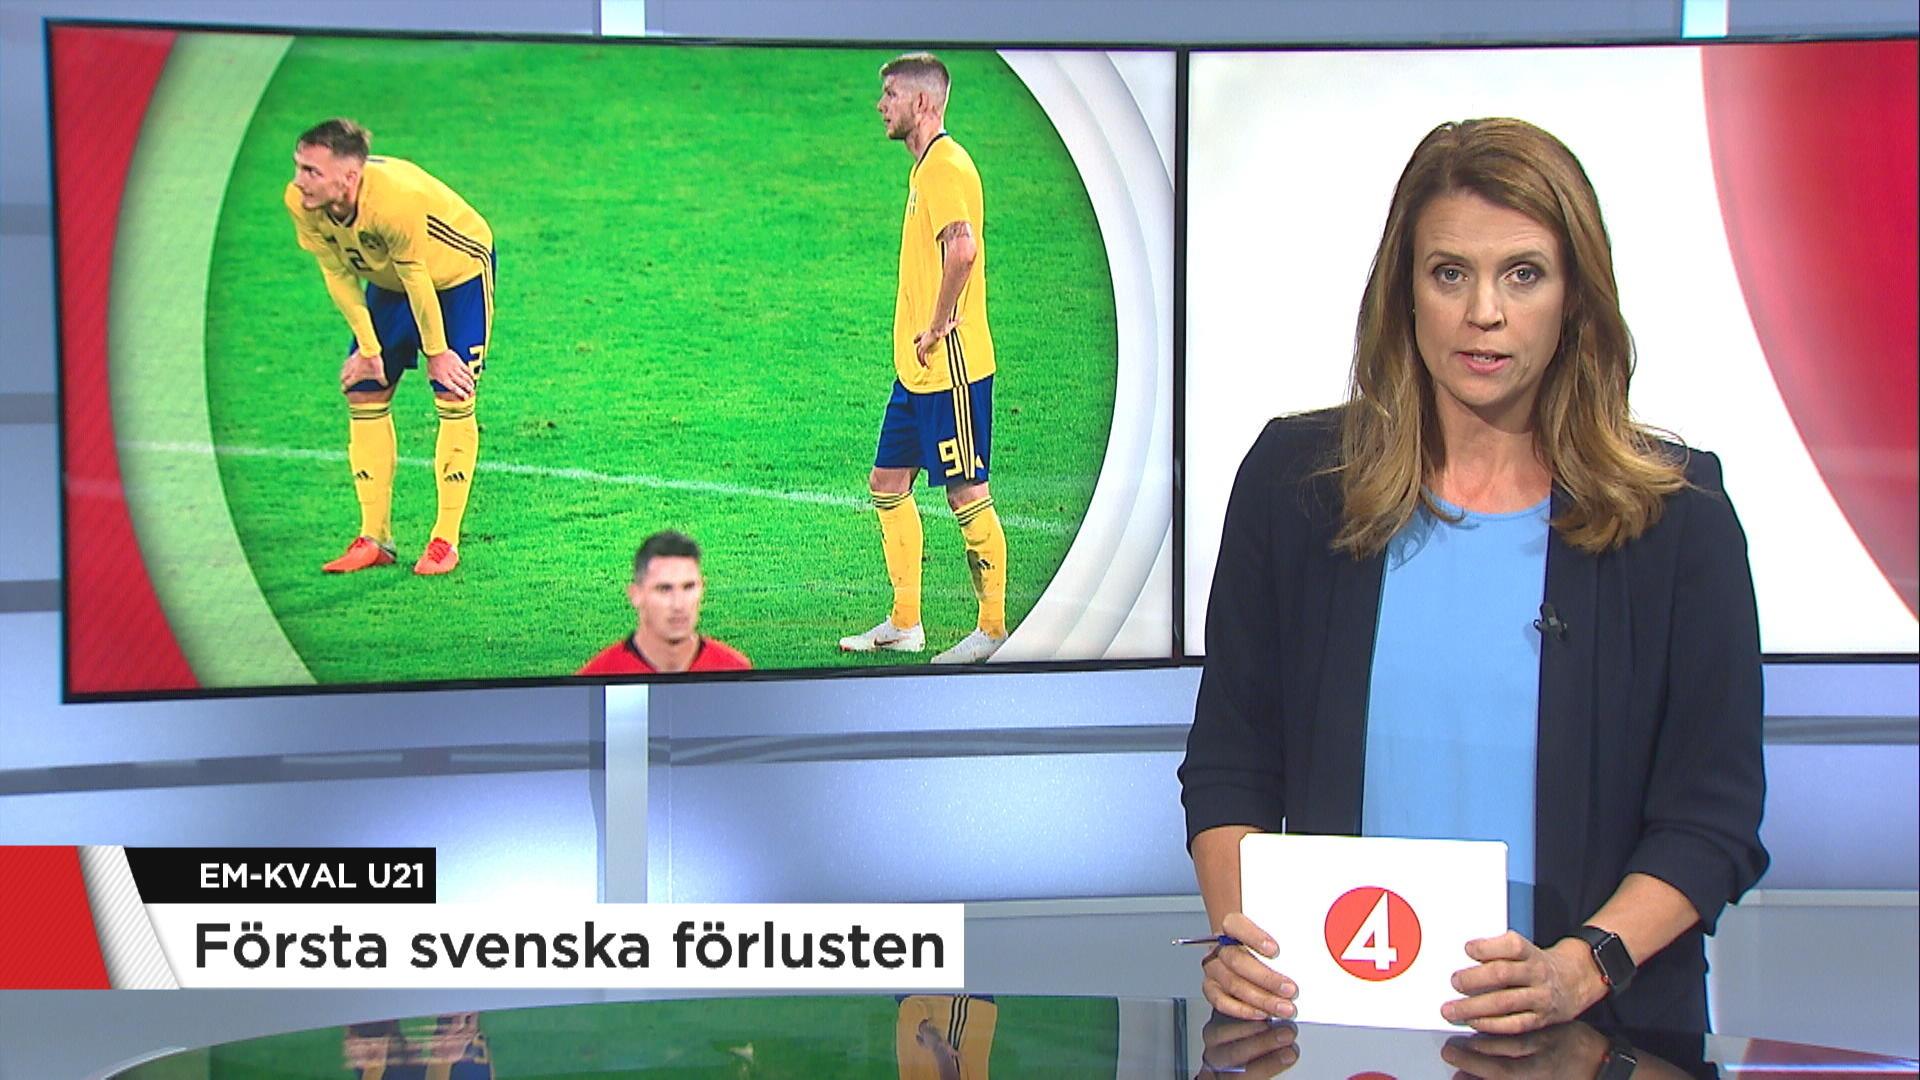 Fjarde svenska forlusten i vm